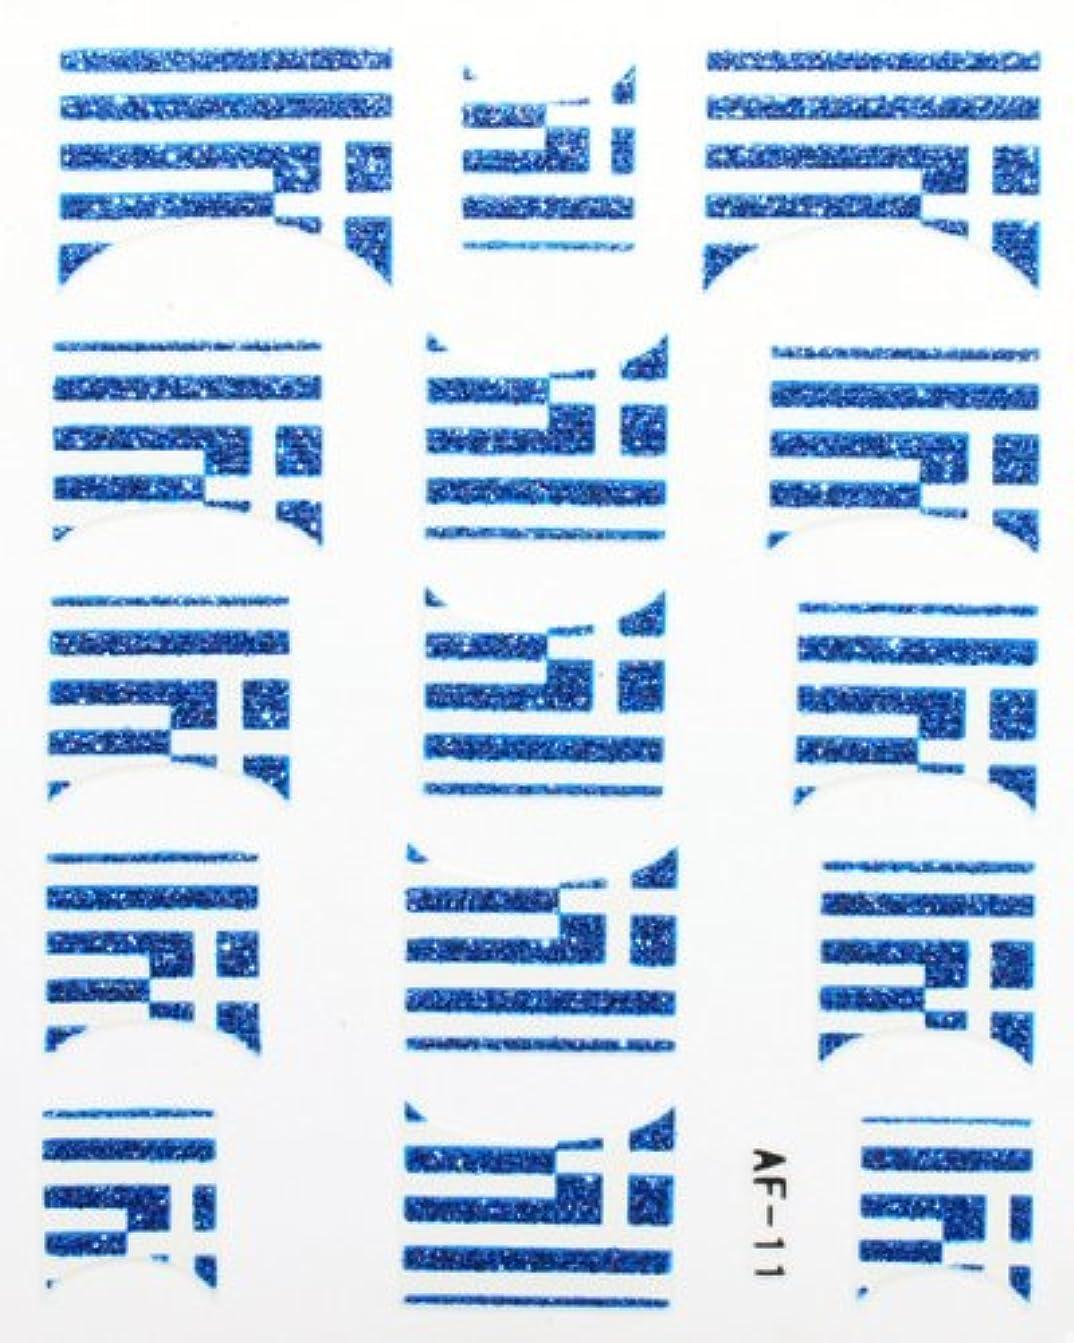 吸い込む悲観主義者概してきらきら逆フレンチネイルシール ギリシア国旗 AF011 貼るだけ ジェルネイルアート